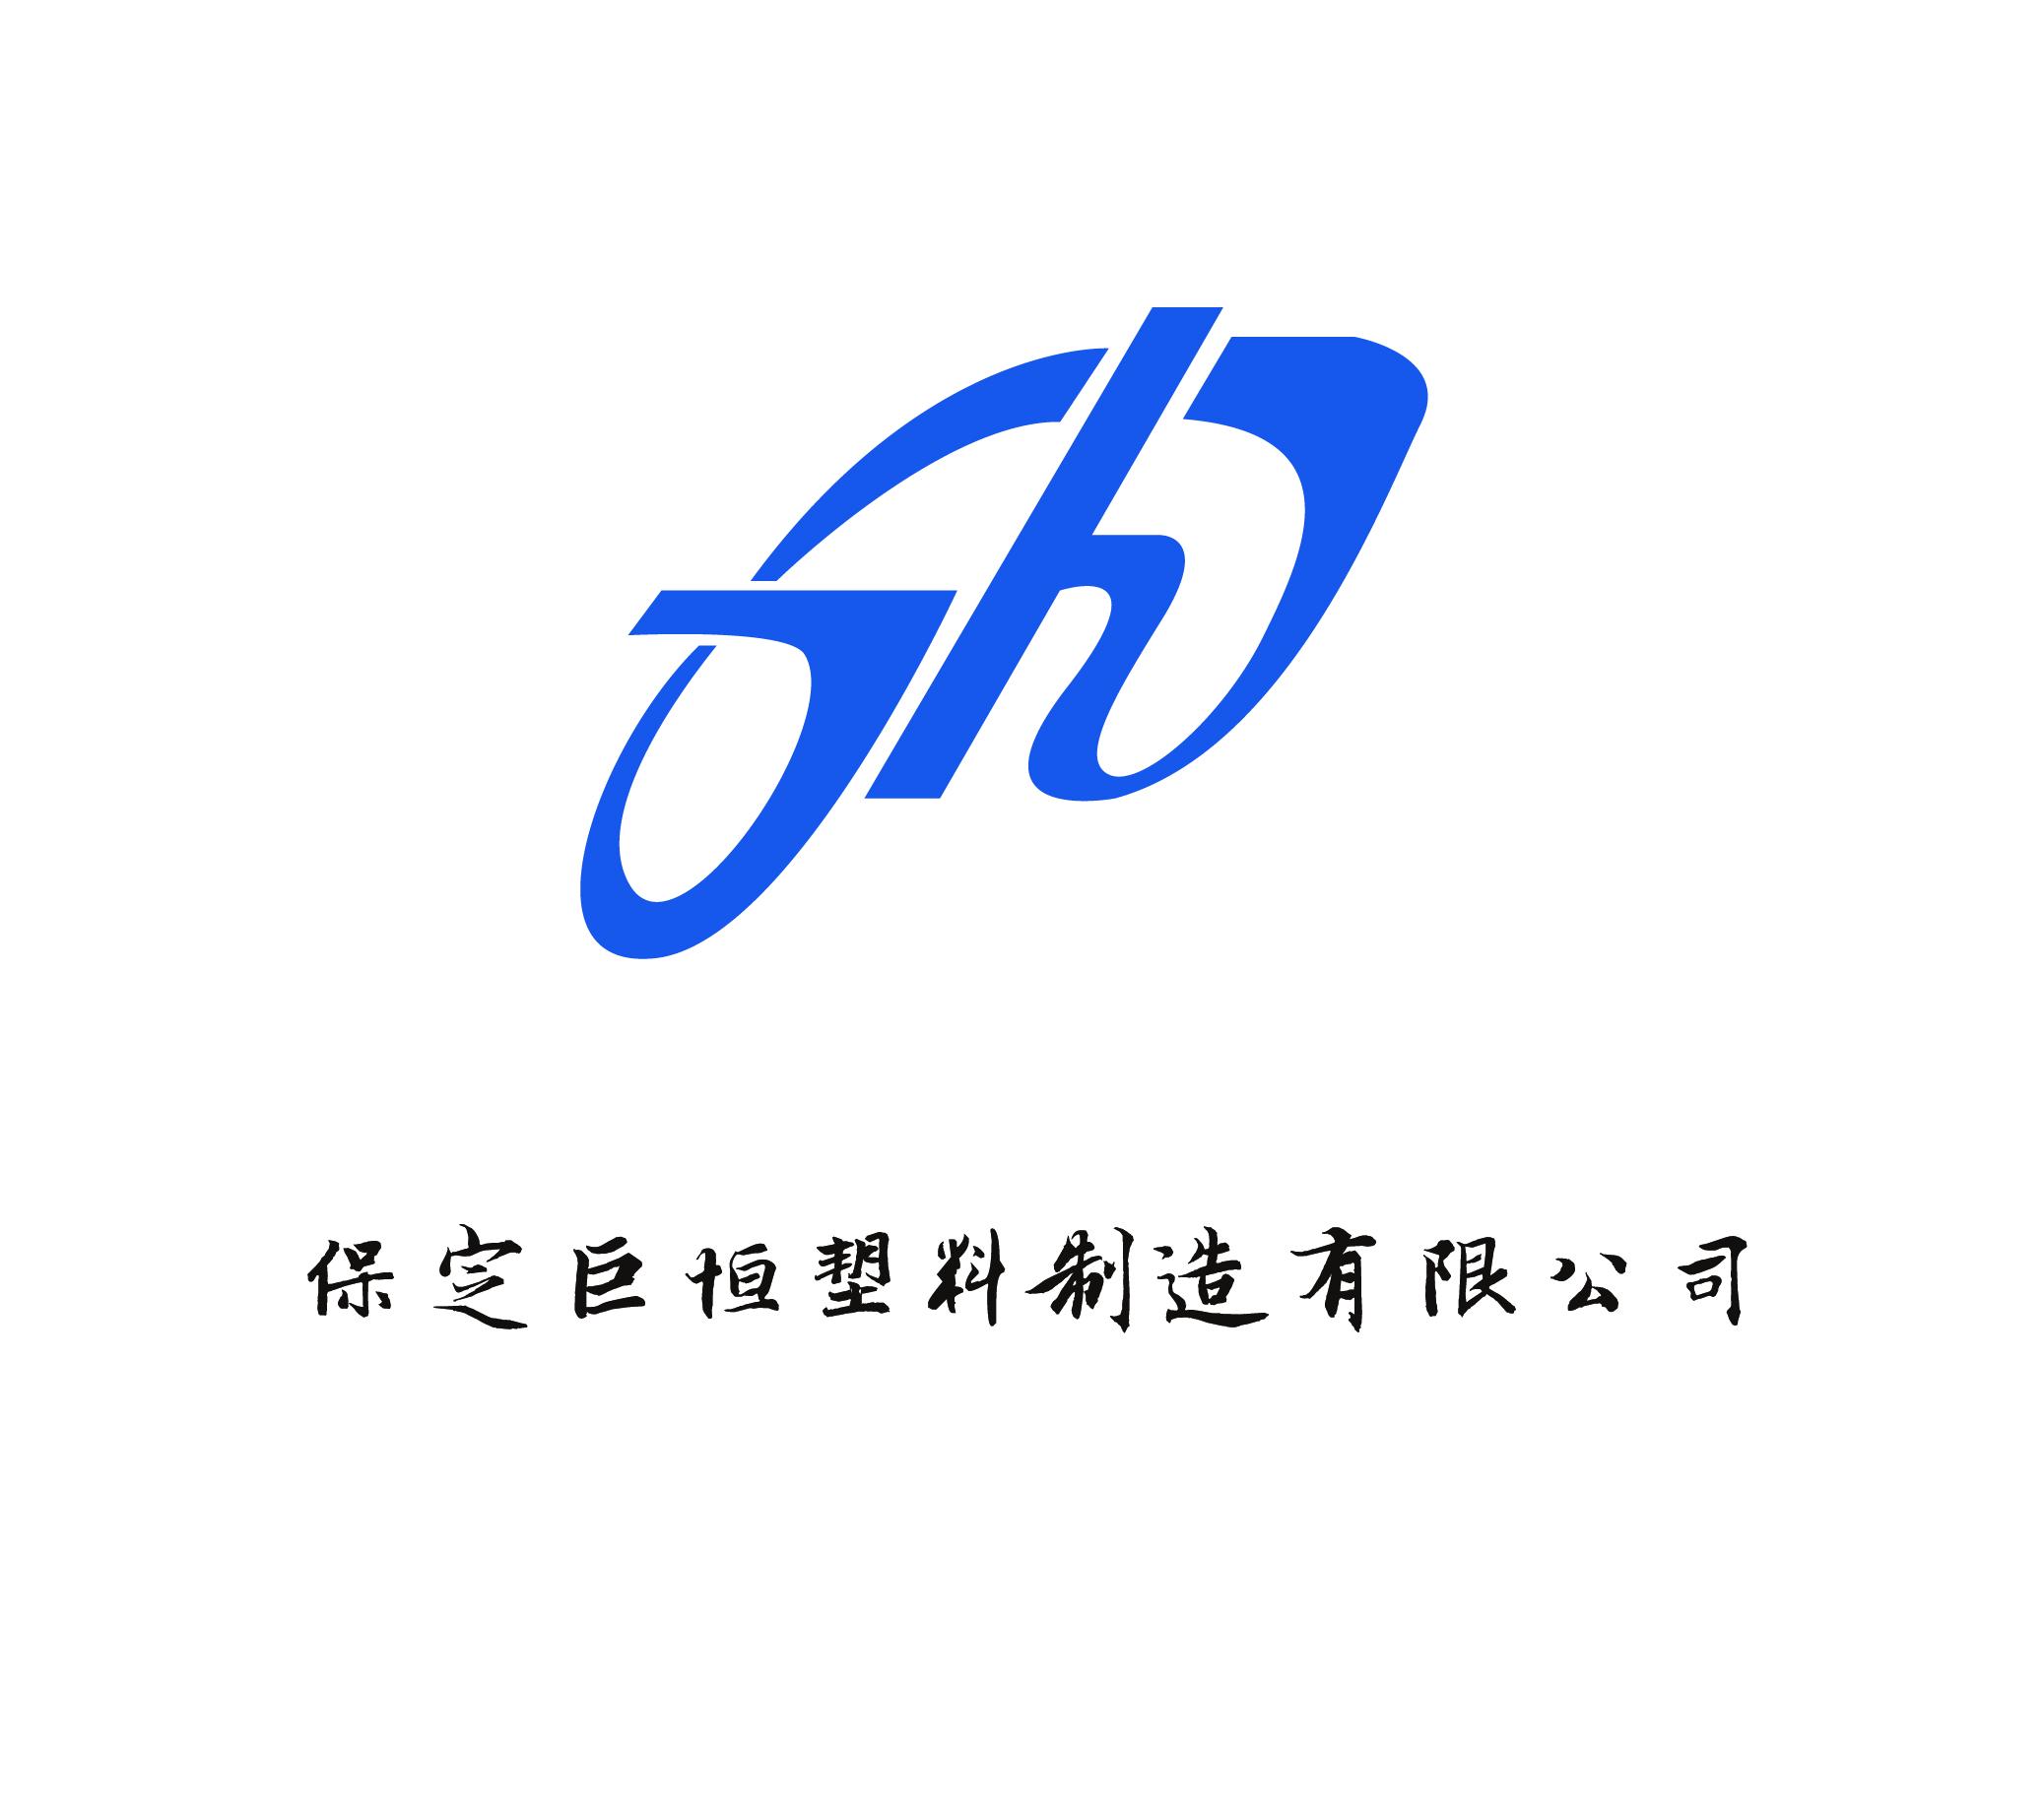 保定巨恒塑料制造有限公司-第五届中国国际老龄产业博览会